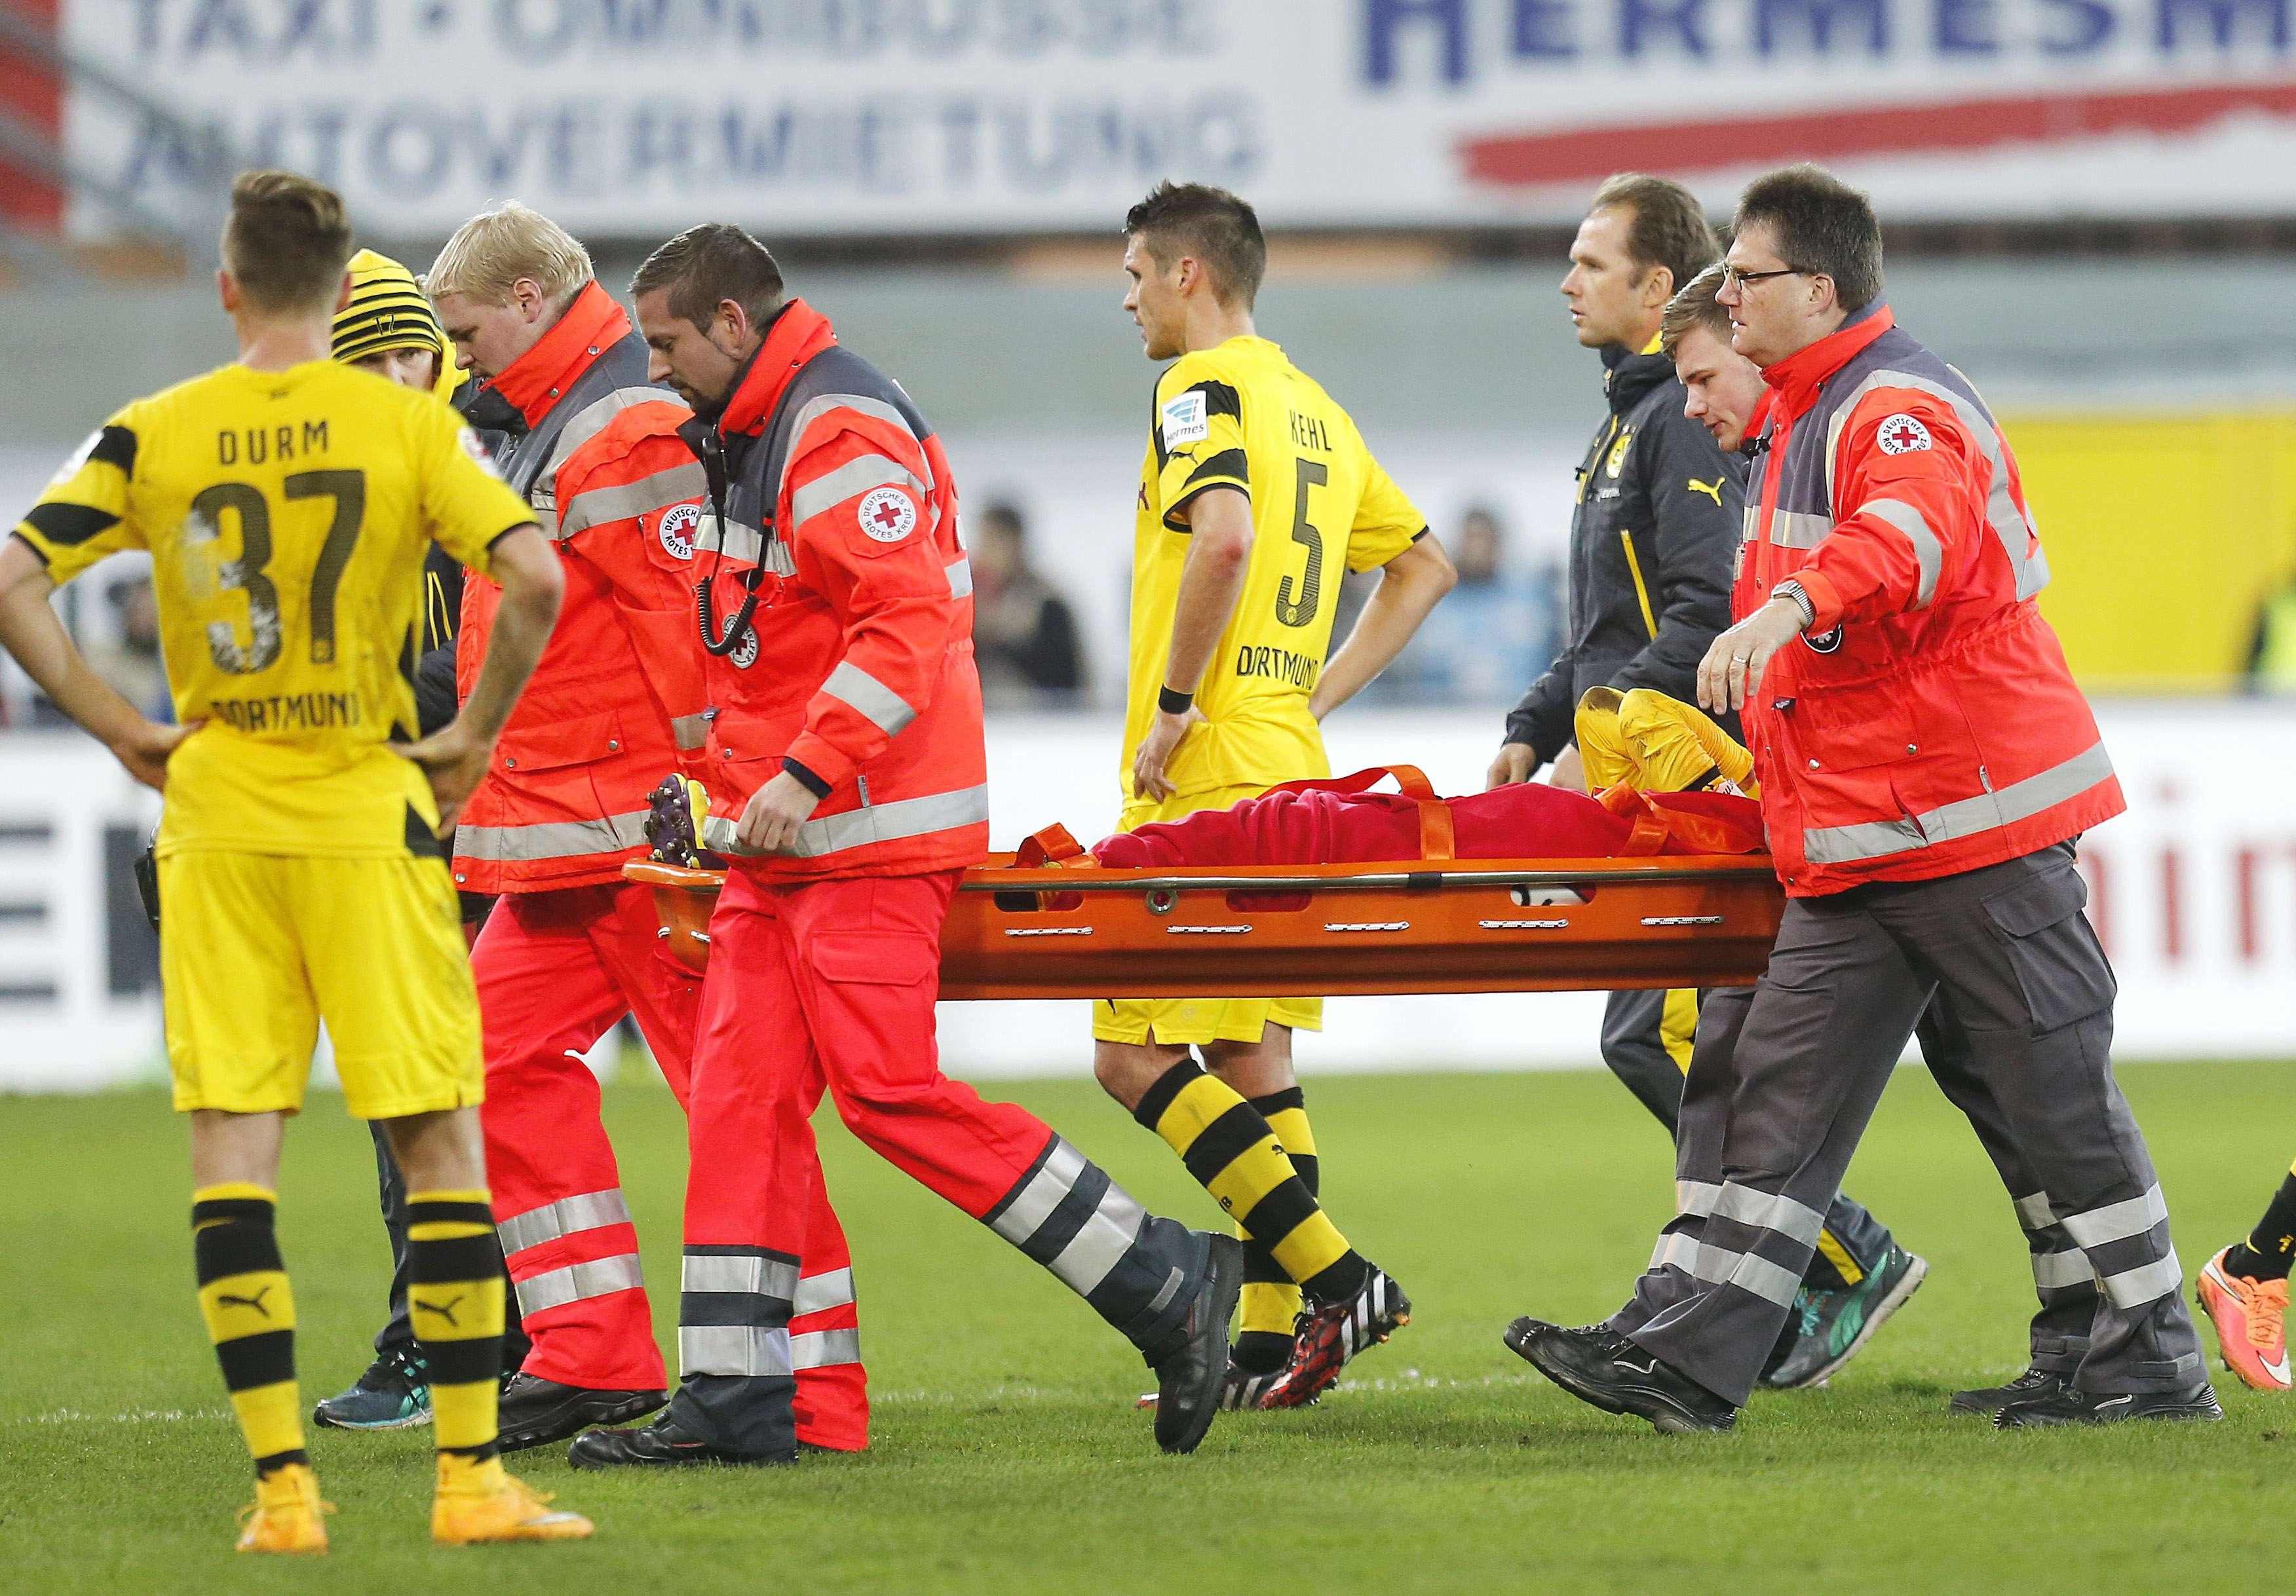 Estrela do Dortmund, Marco Reus saiu novamente machucado após torcer o tornozelo Foto: Michael Probst/AP